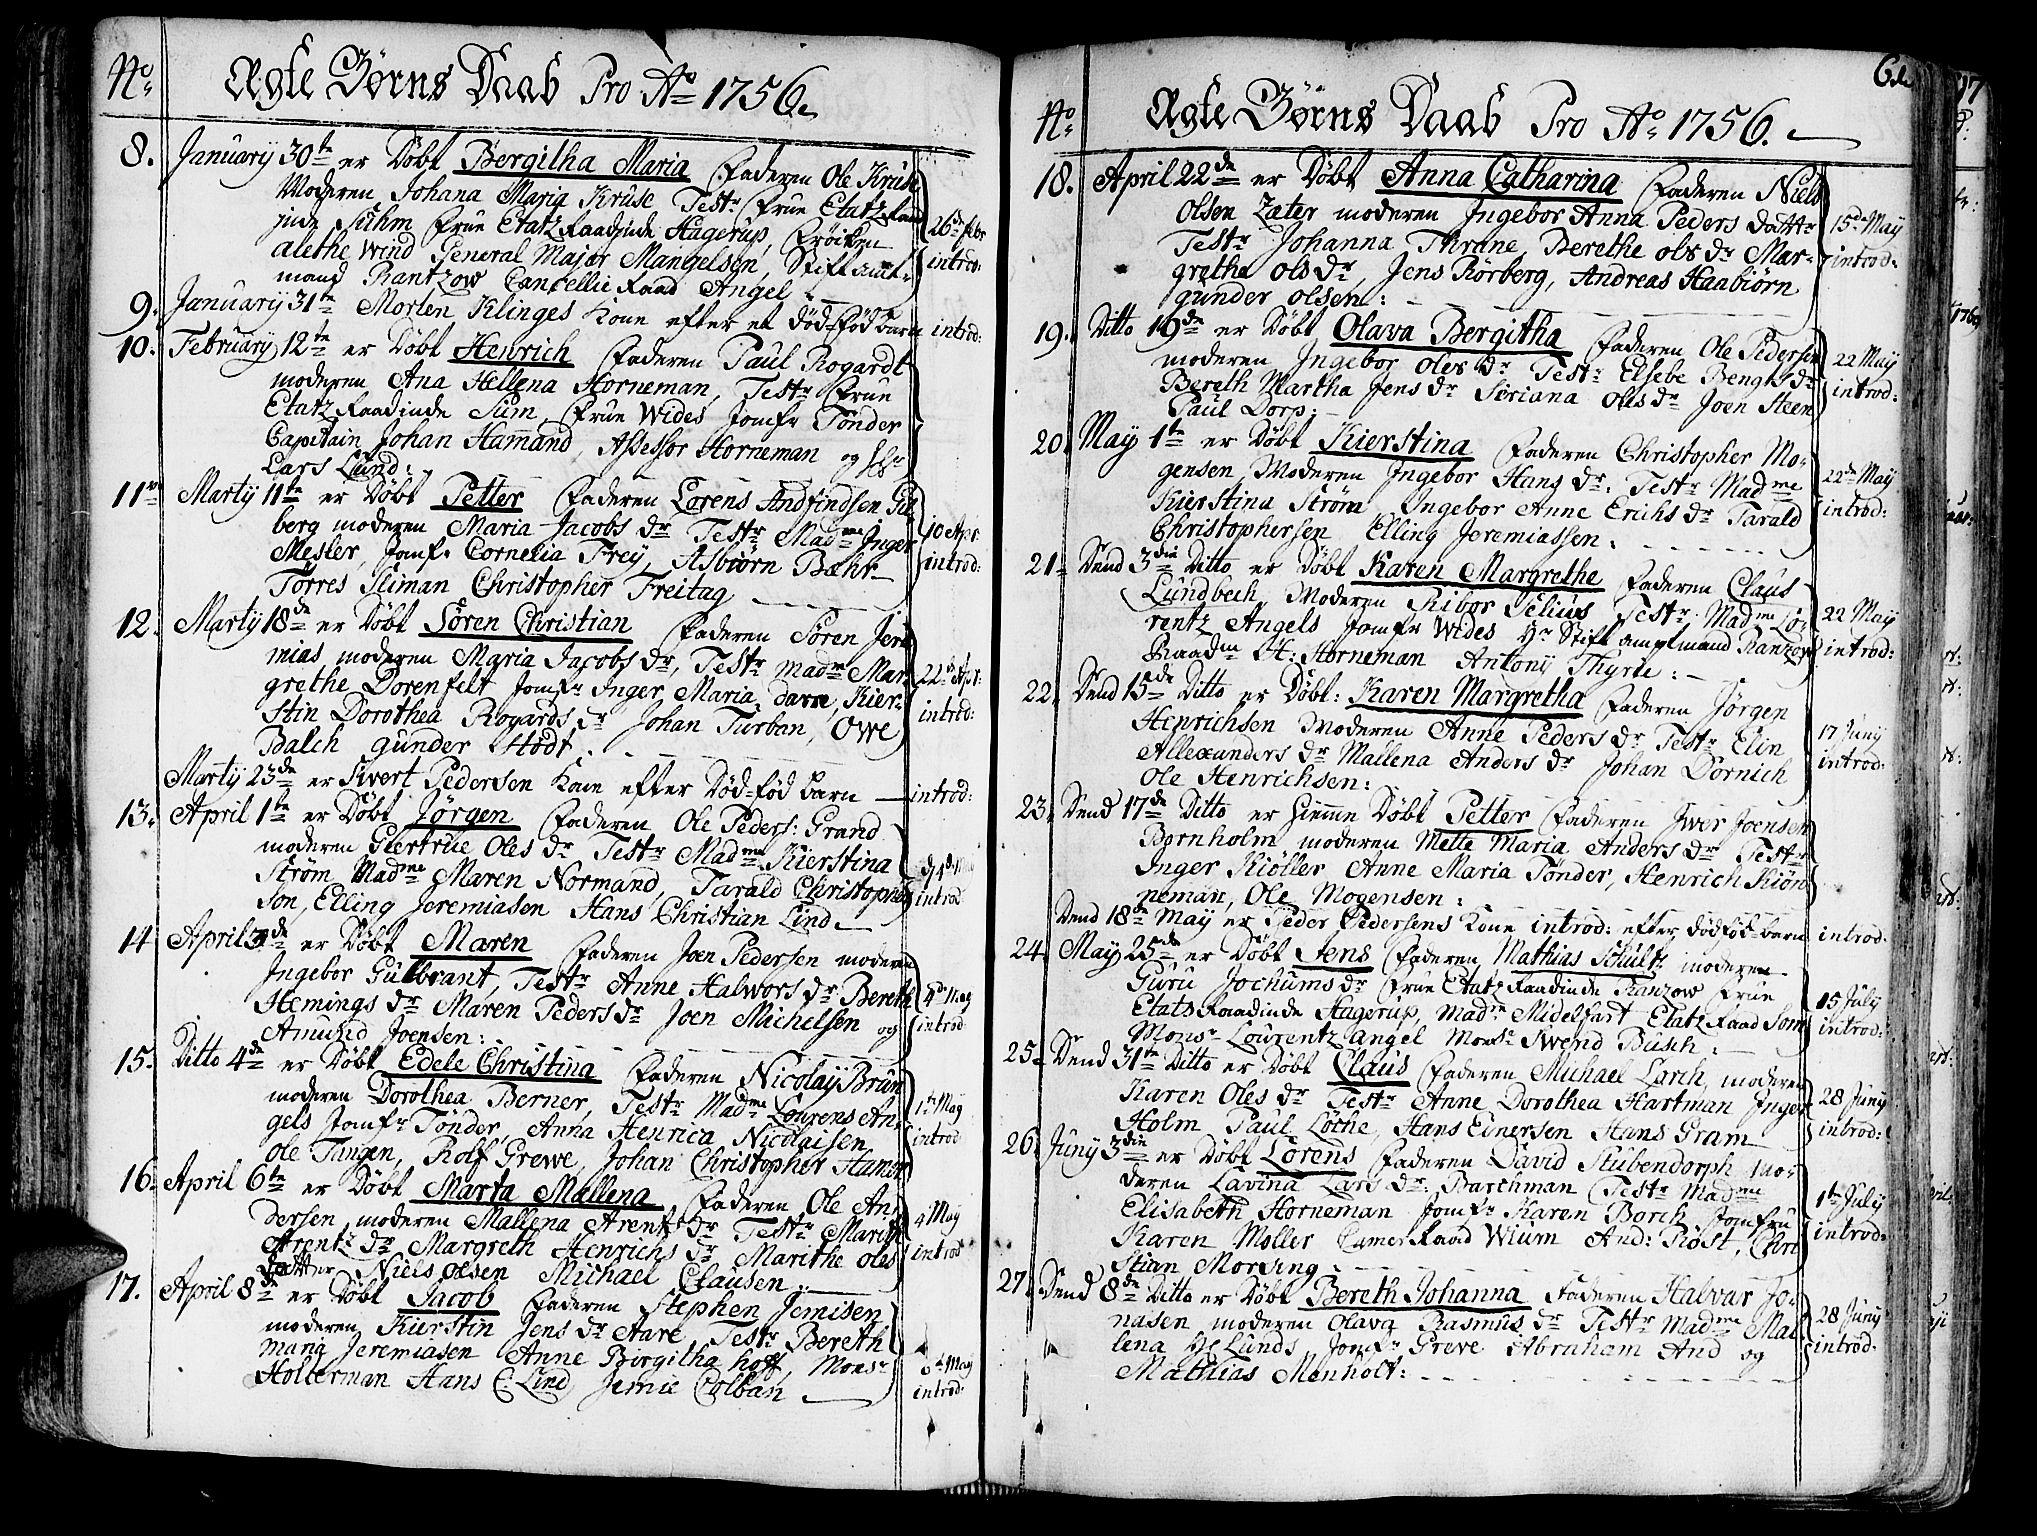 SAT, Ministerialprotokoller, klokkerbøker og fødselsregistre - Sør-Trøndelag, 602/L0103: Ministerialbok nr. 602A01, 1732-1774, s. 61